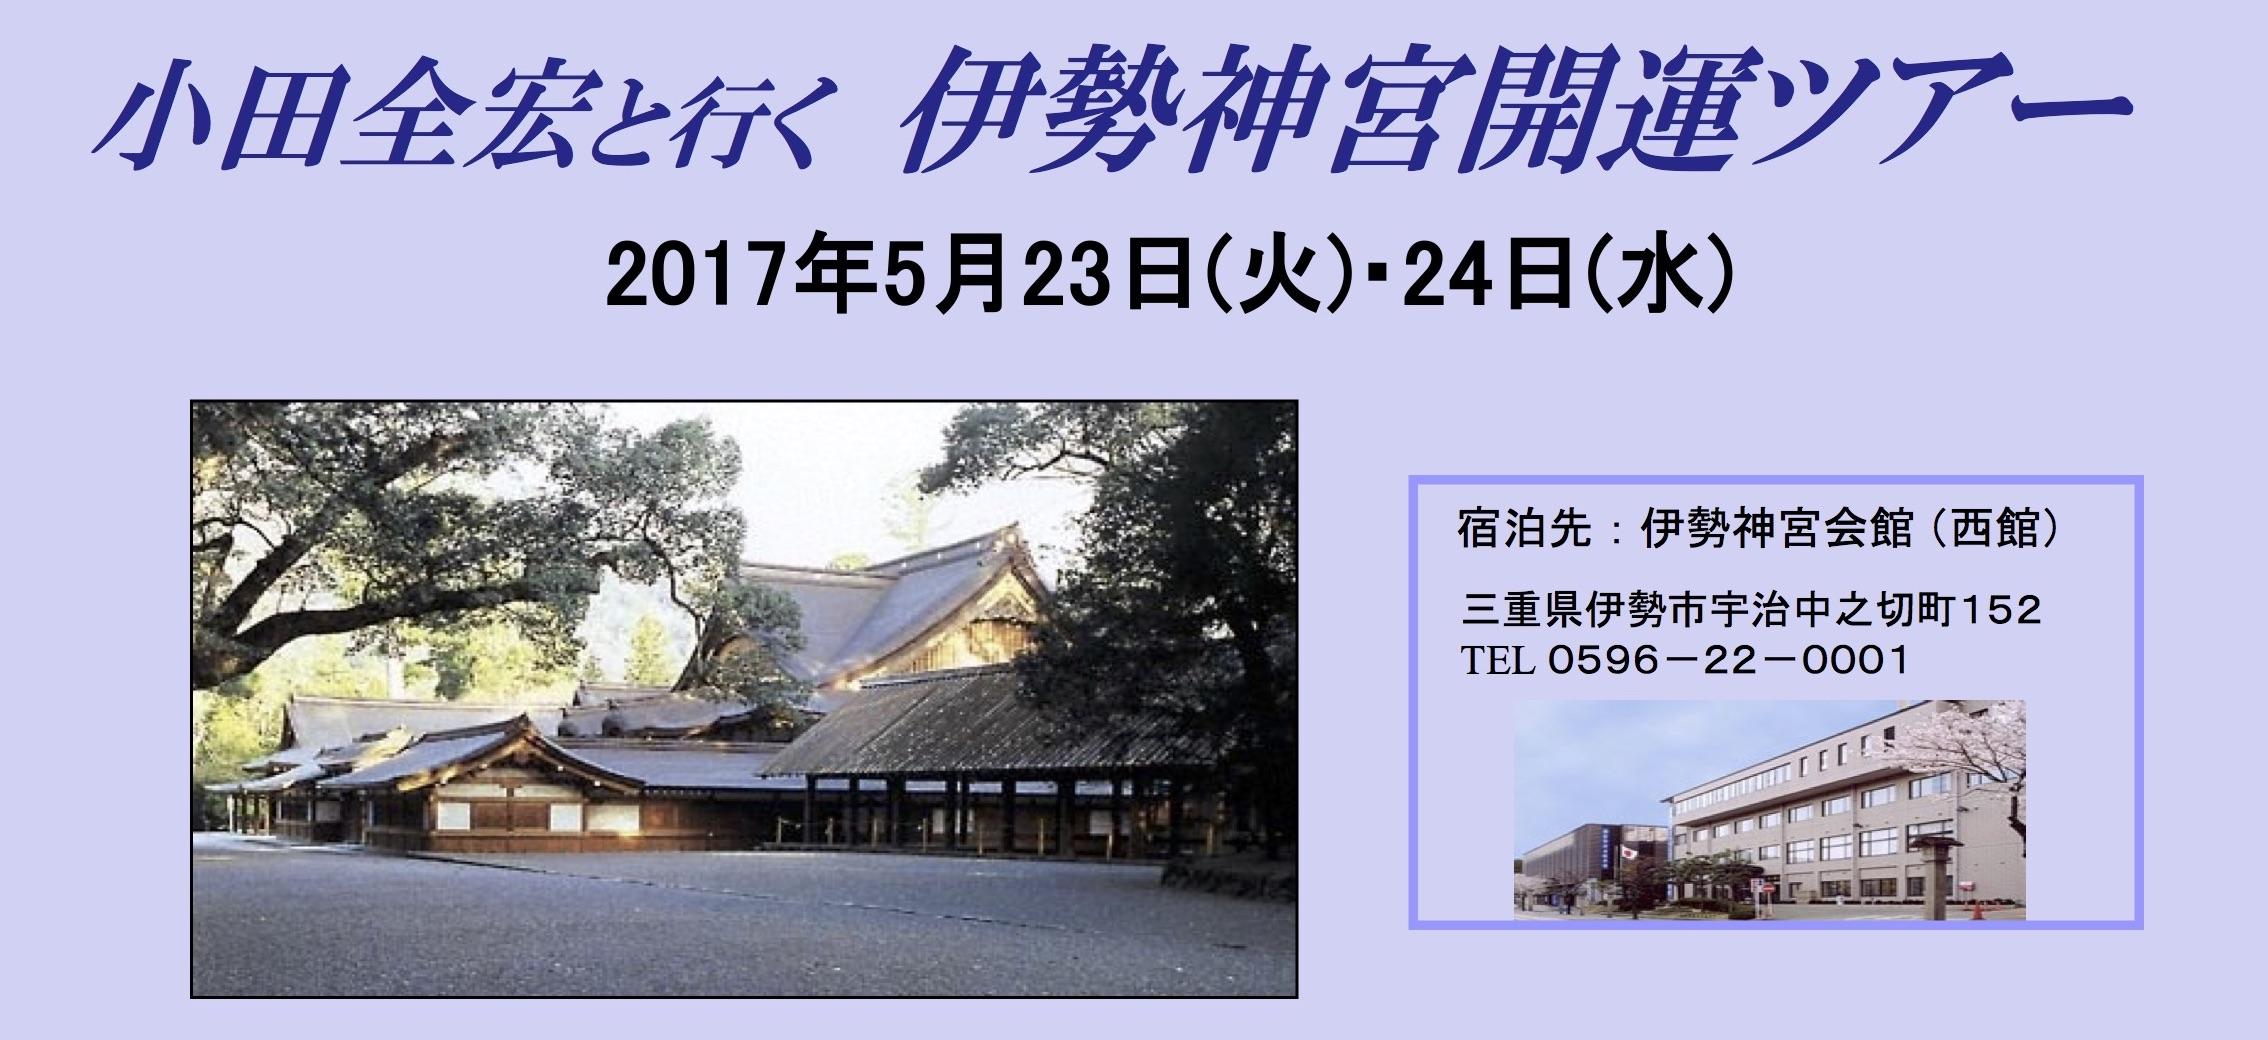 【満員御礼】小田全宏と行く伊勢神宮開運ツアー2017年5月